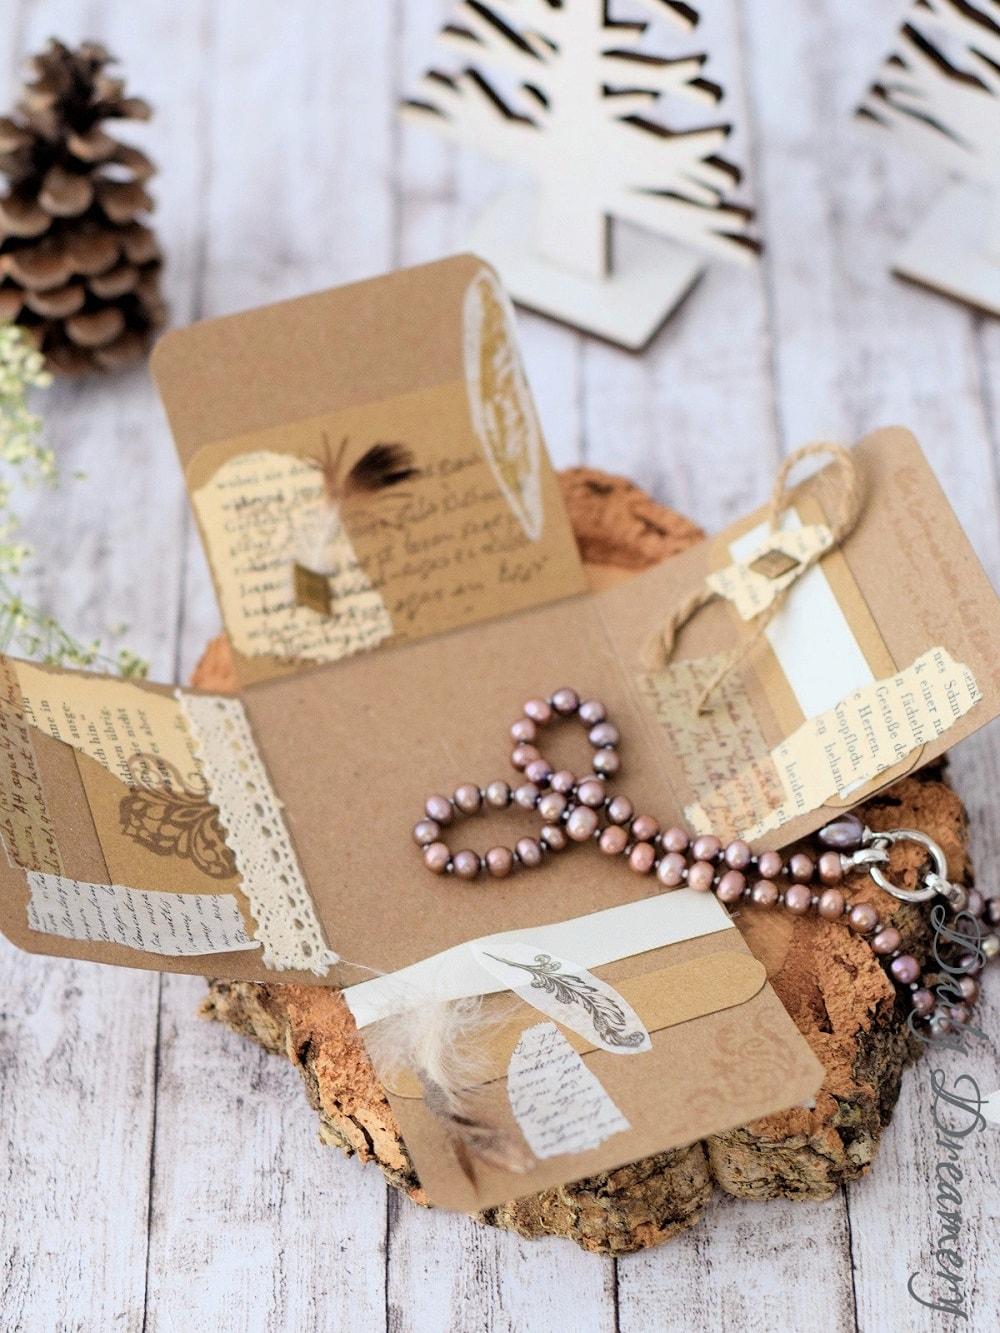 DIY-Explosionsbox-Vintagelook-Geschenkverpackung-Gutscheinverpackung